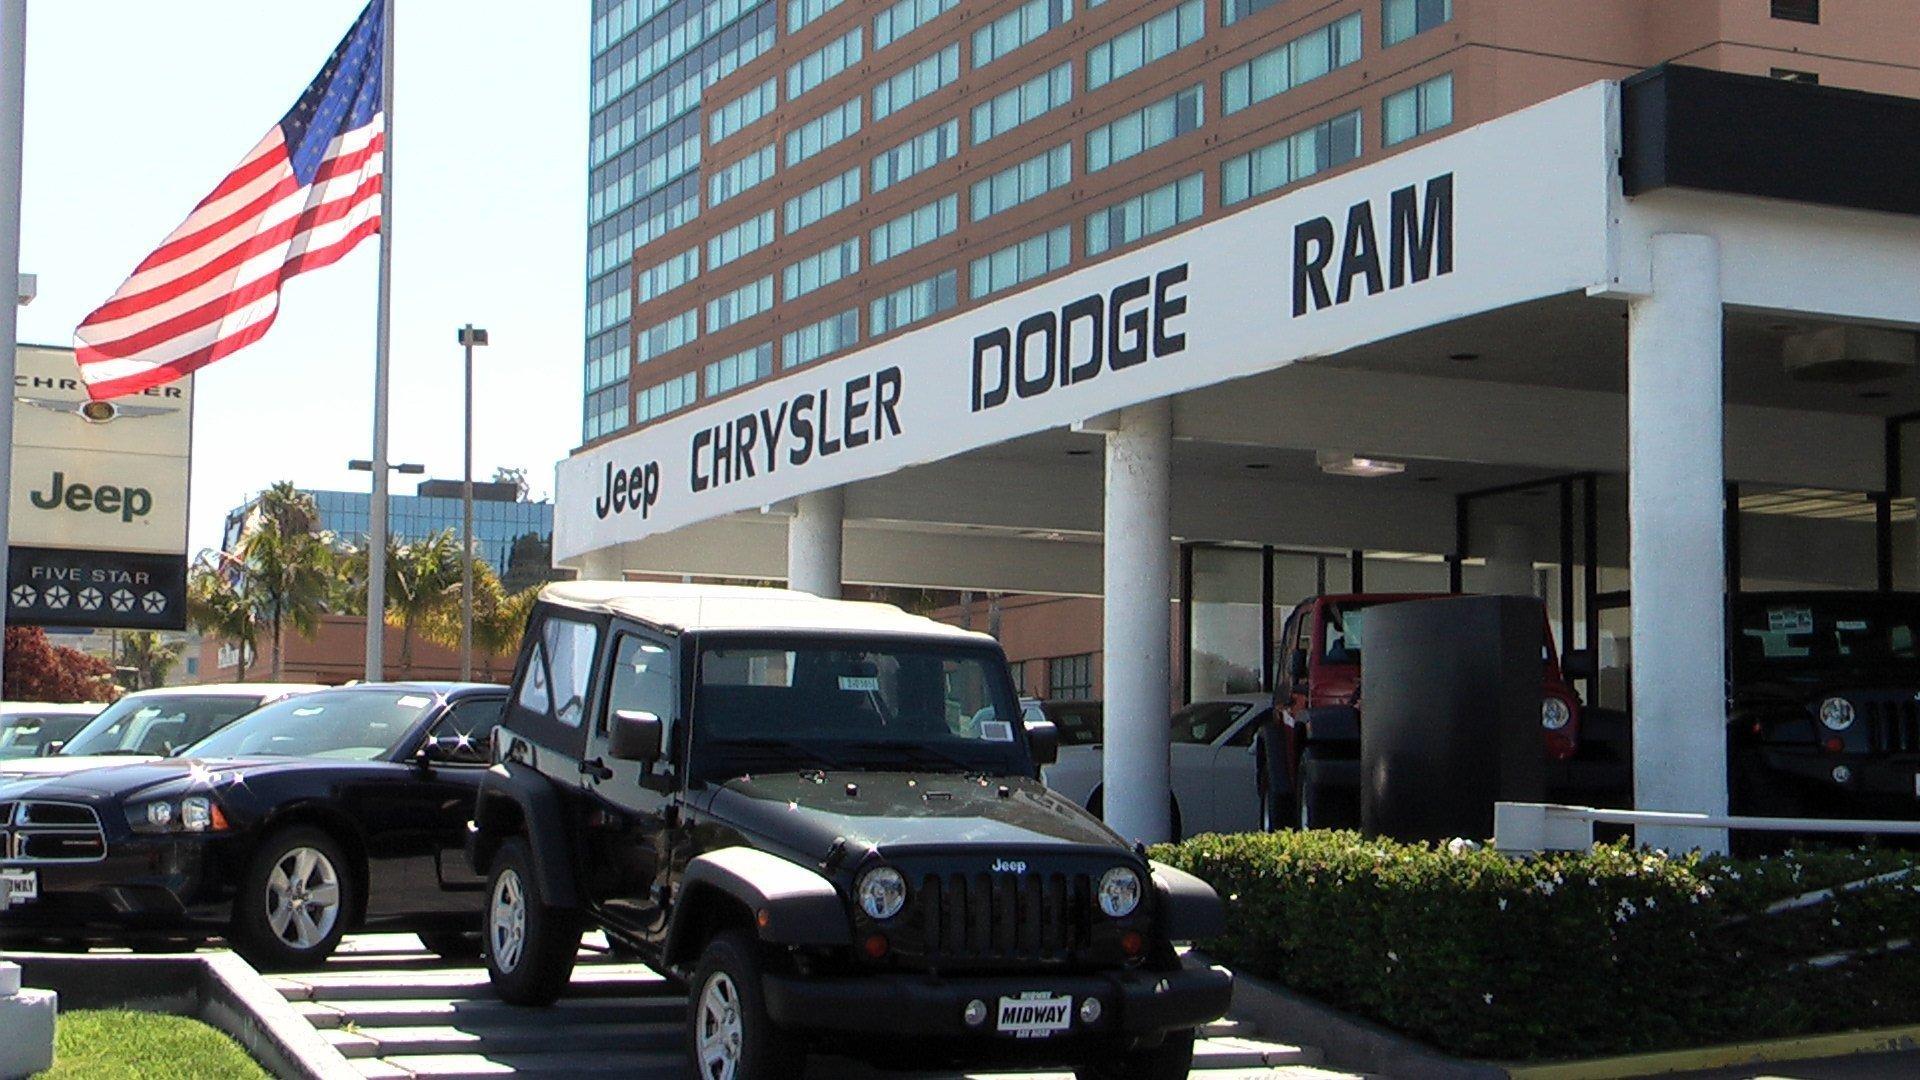 Jeep Dealership San Diego >> Midway Jeep Chrysler Dodge Ram - The San Diego Union-Tribune